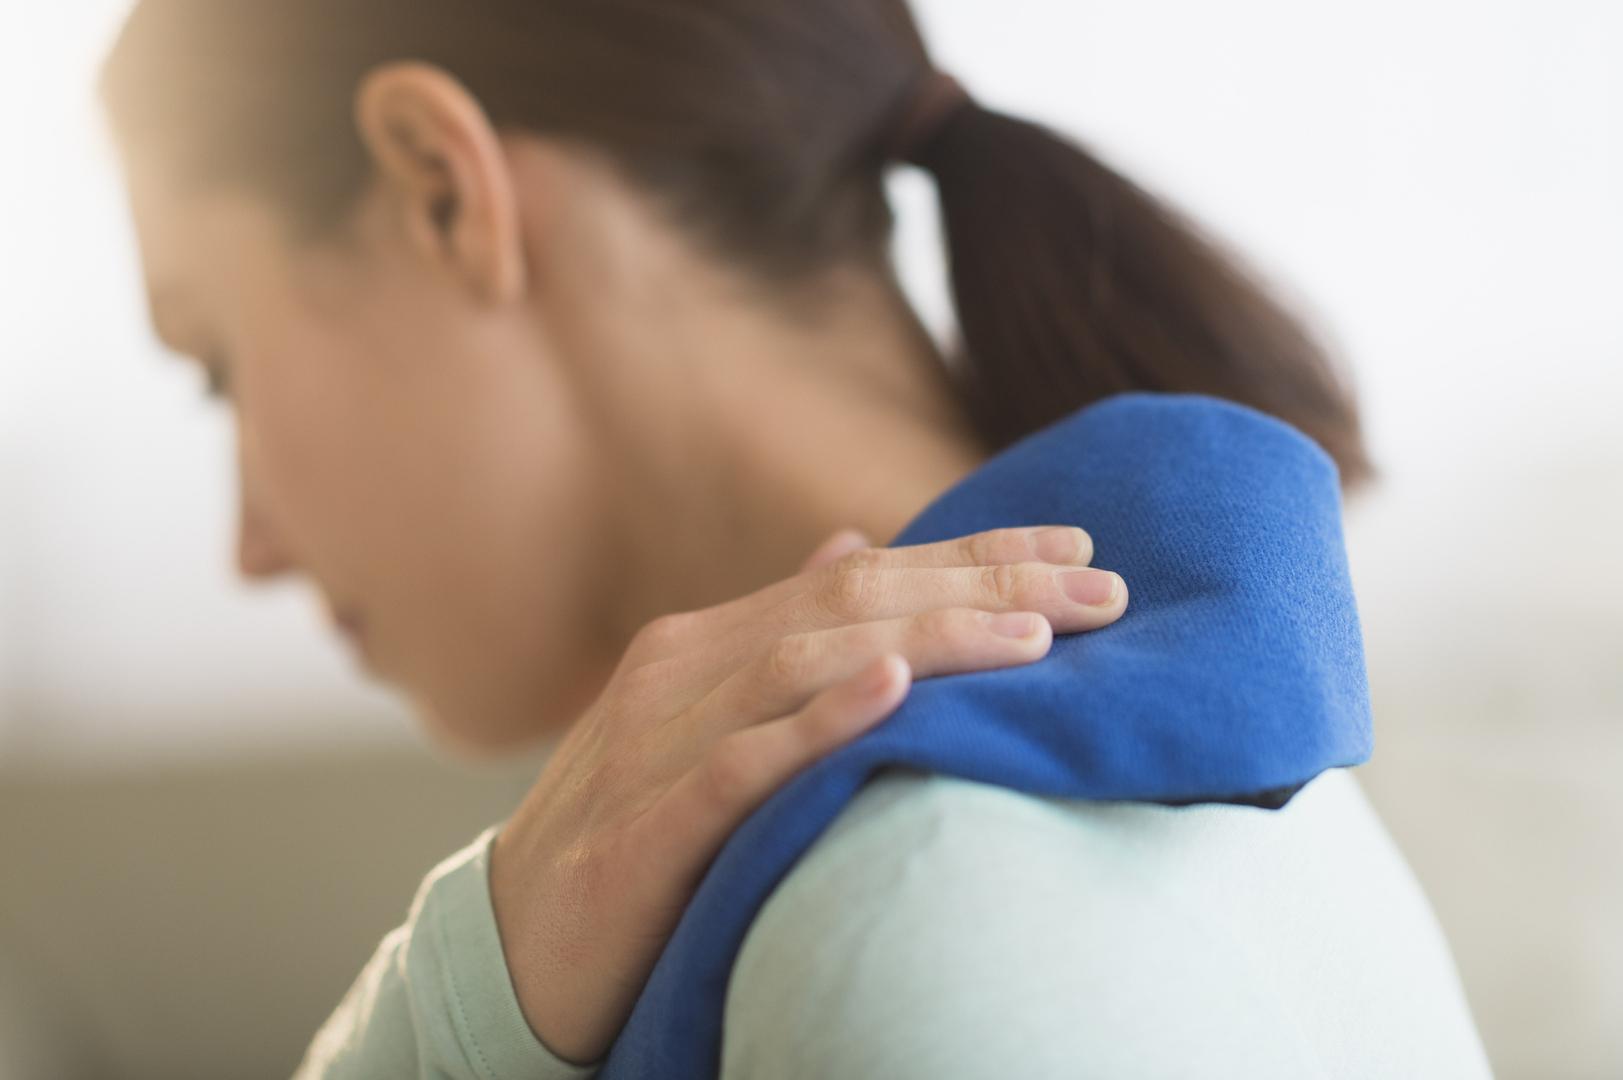 الألم بالقرب من لوح الكتف الأيمن قد يكون علامة على أحد أنوع السرطان